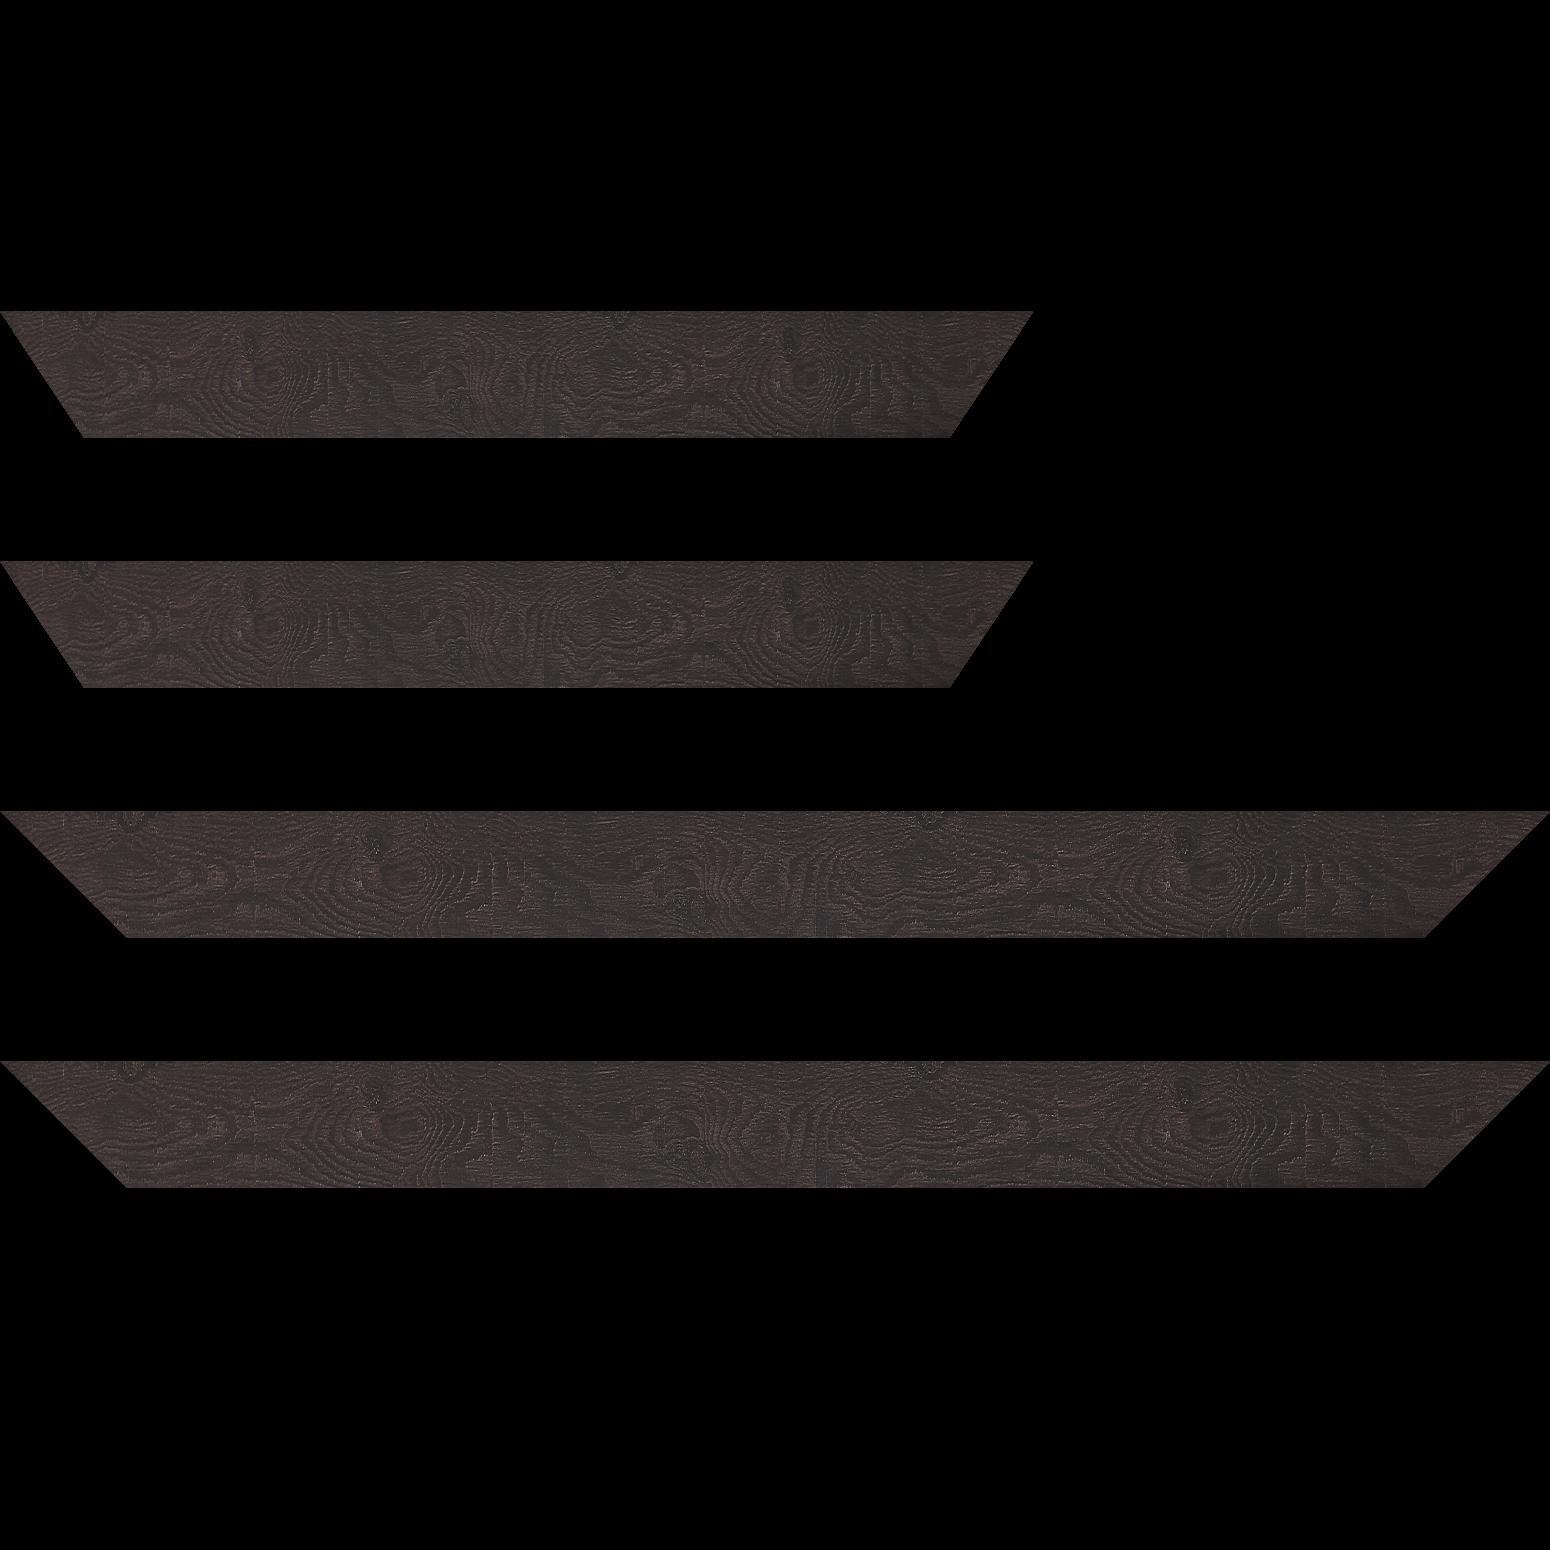 Baguette service précoupé Bois profil plat largeur 4.2cm décor bois wengé foncé